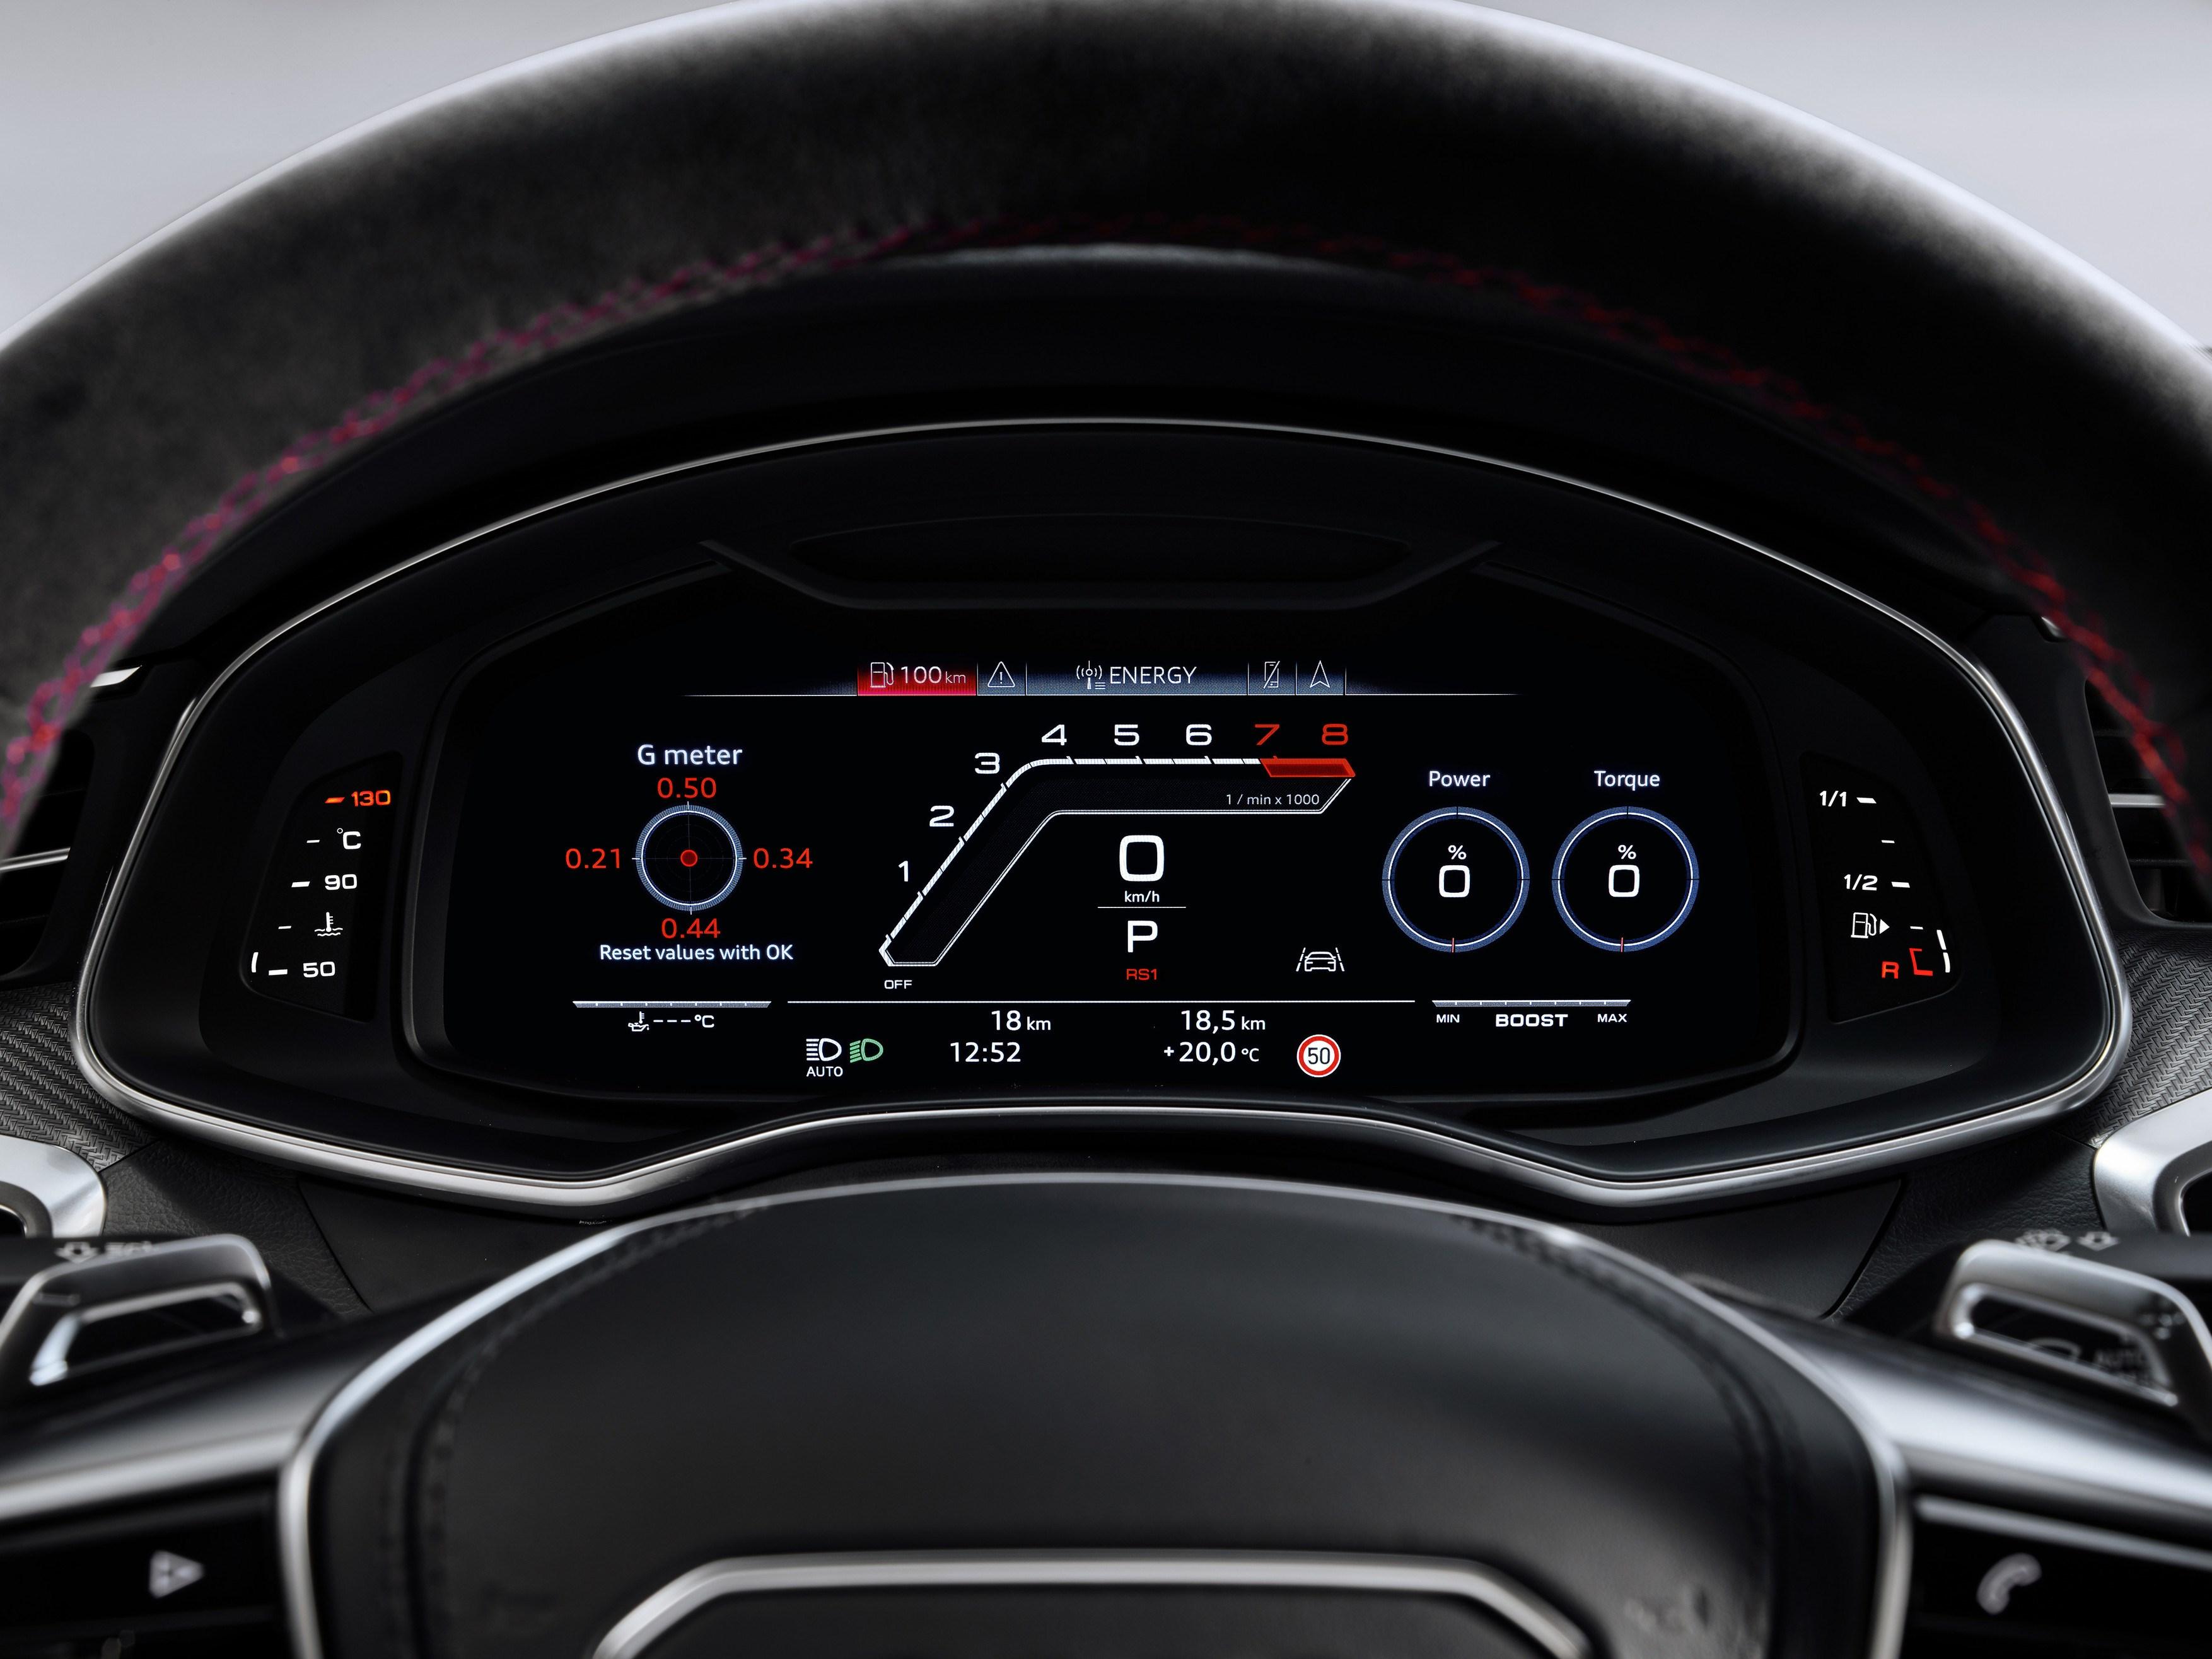 アウディ、新型RS7スポーツバックを発表。4リッターV8ターボを搭載したシリーズ最強モデル